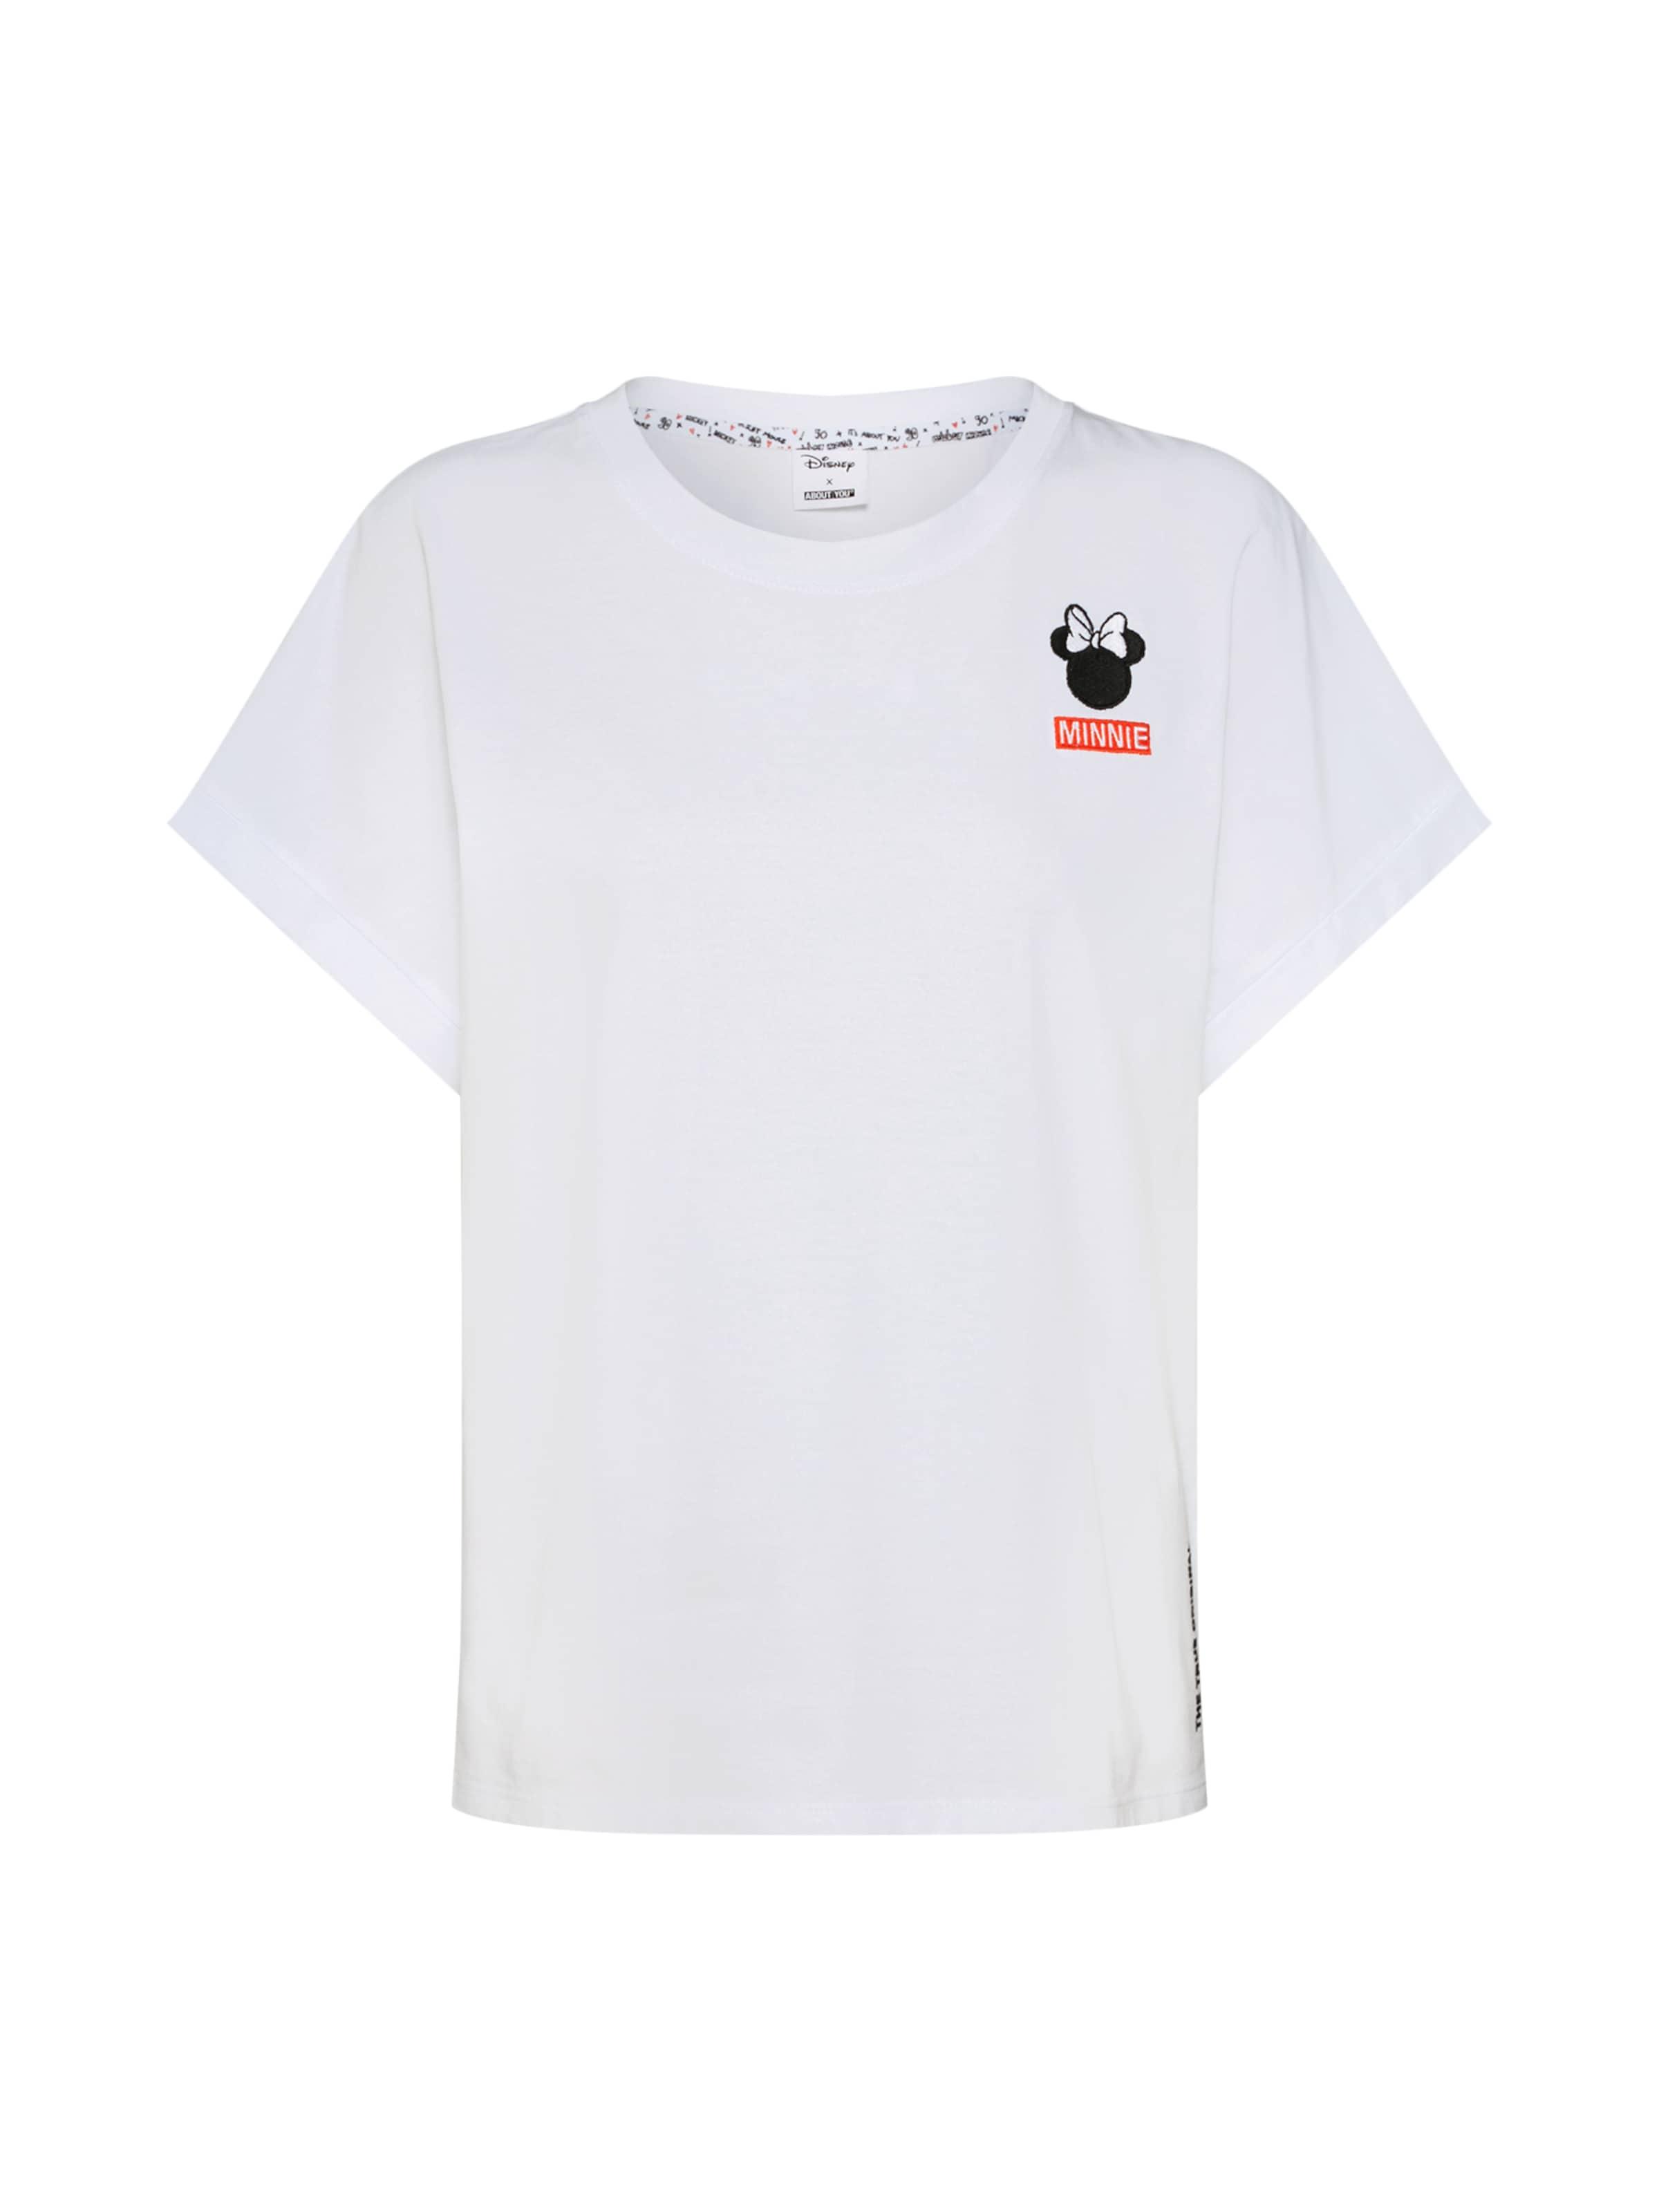 'mira' Disney In About You Shirt Weiß X Aj4qc35RL